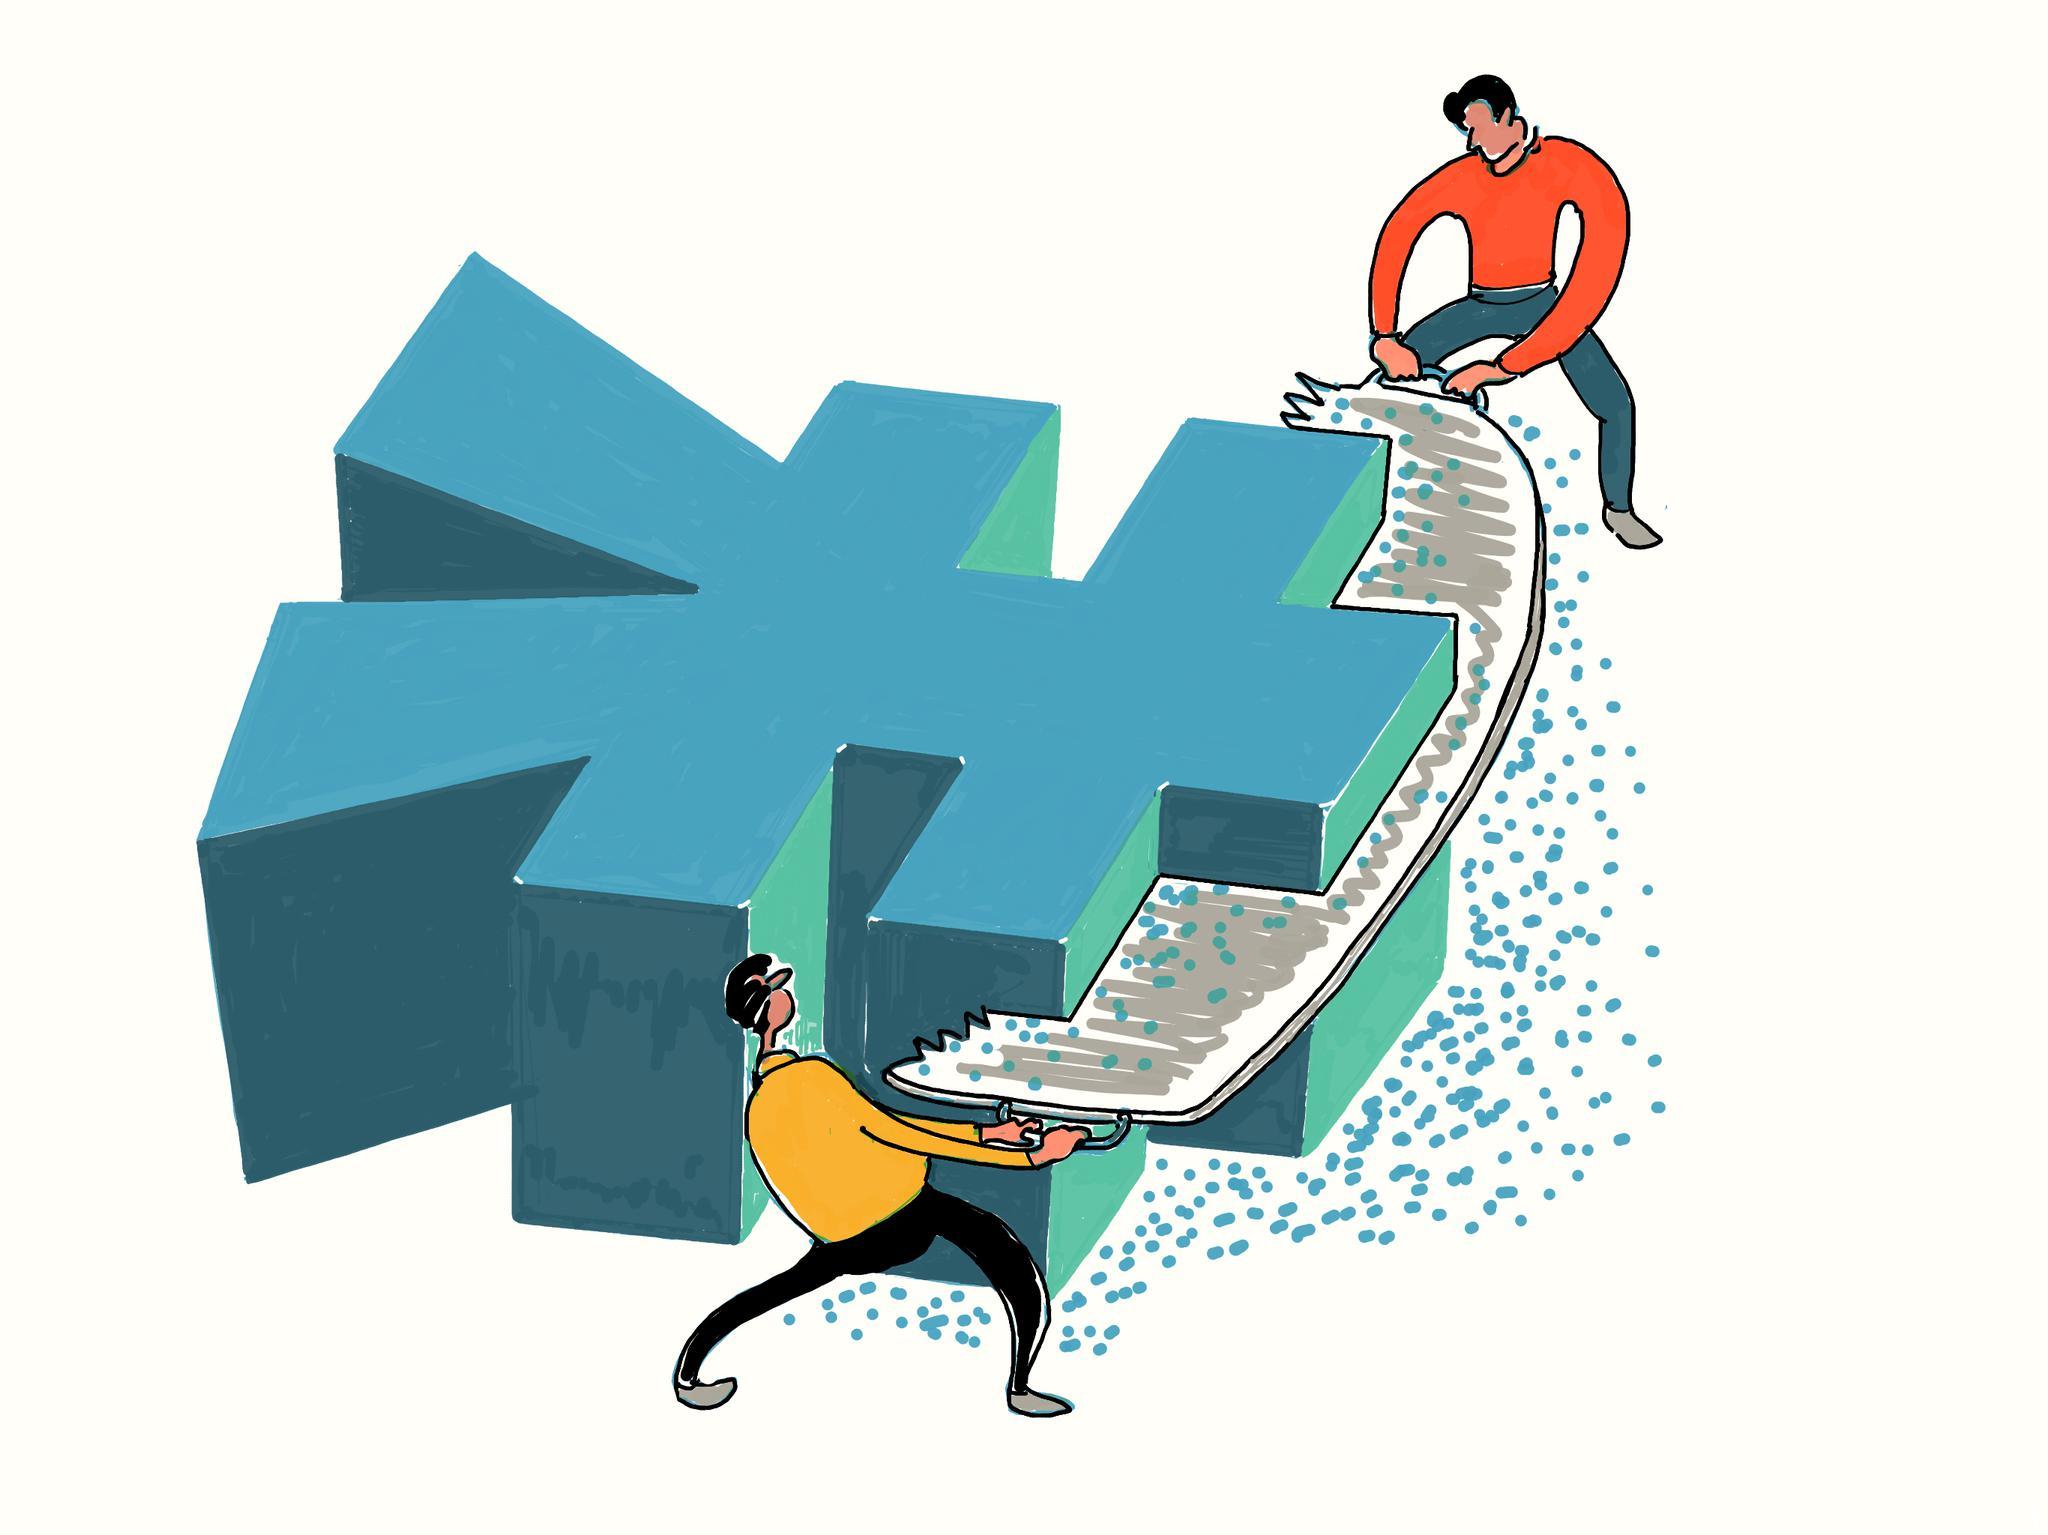 增值税税率(征收率)的四次调整